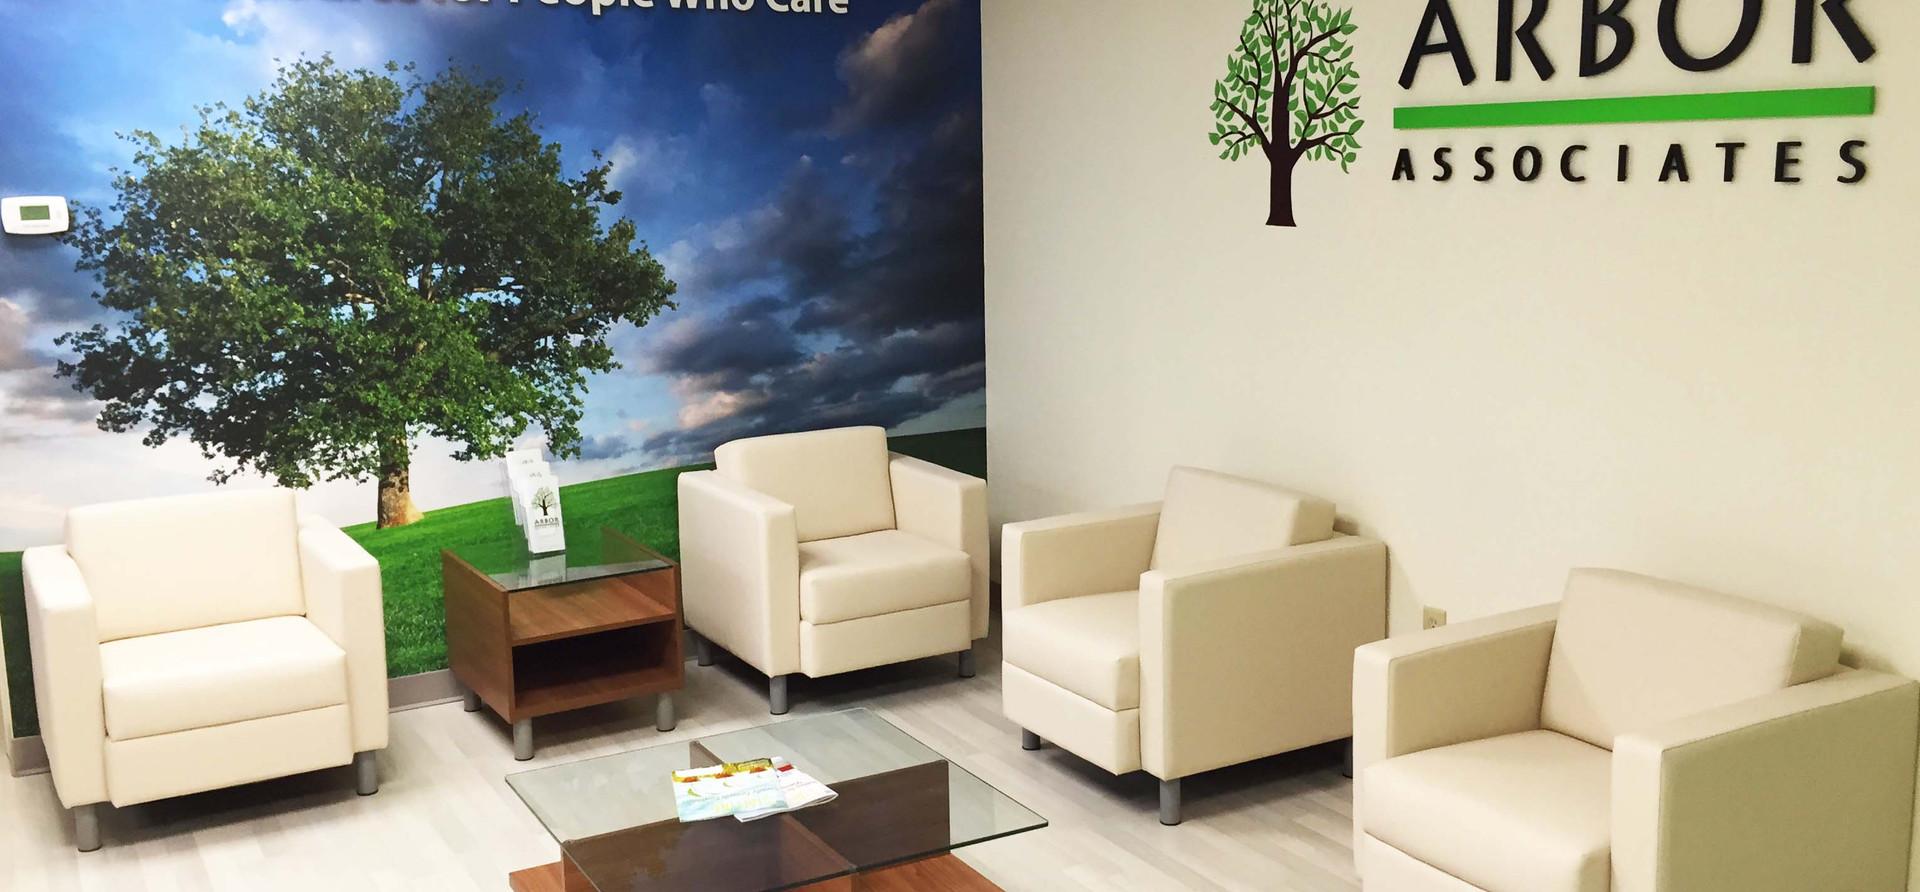 Arbor Associates Lobby